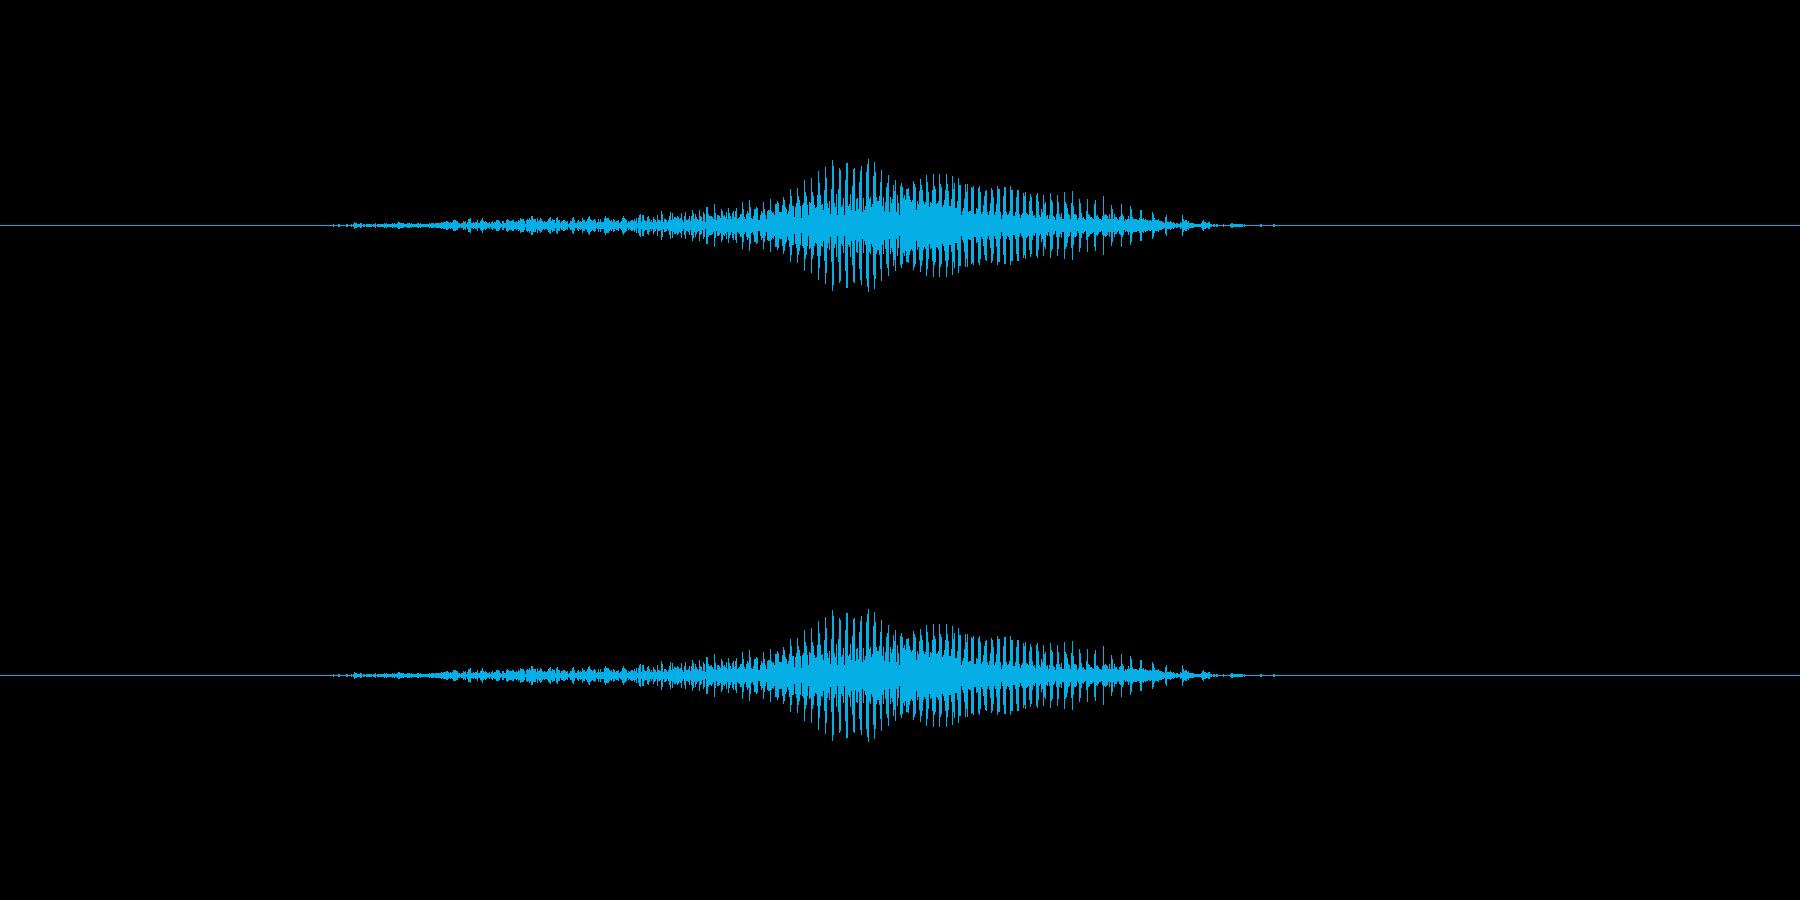 【デート・恋人】はいっ! - 1の再生済みの波形